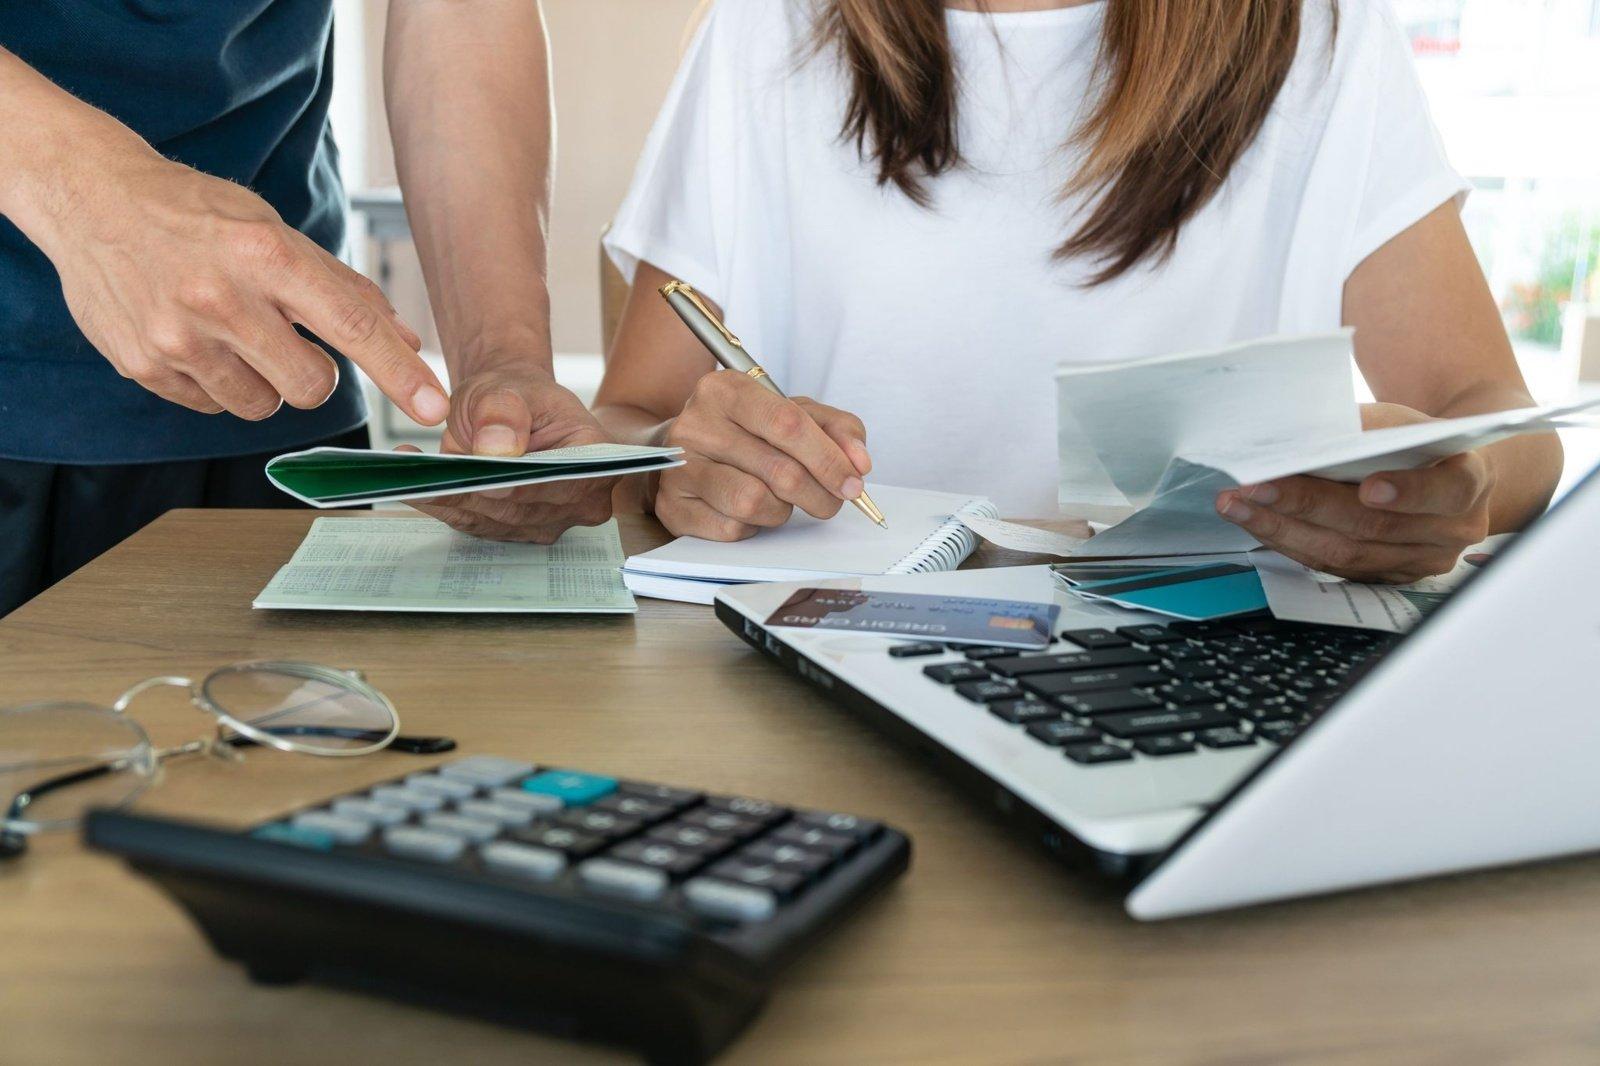 Ką daryti, jeigu sutuoktinis prisidarė skolų: 3 svarbūs patarimai